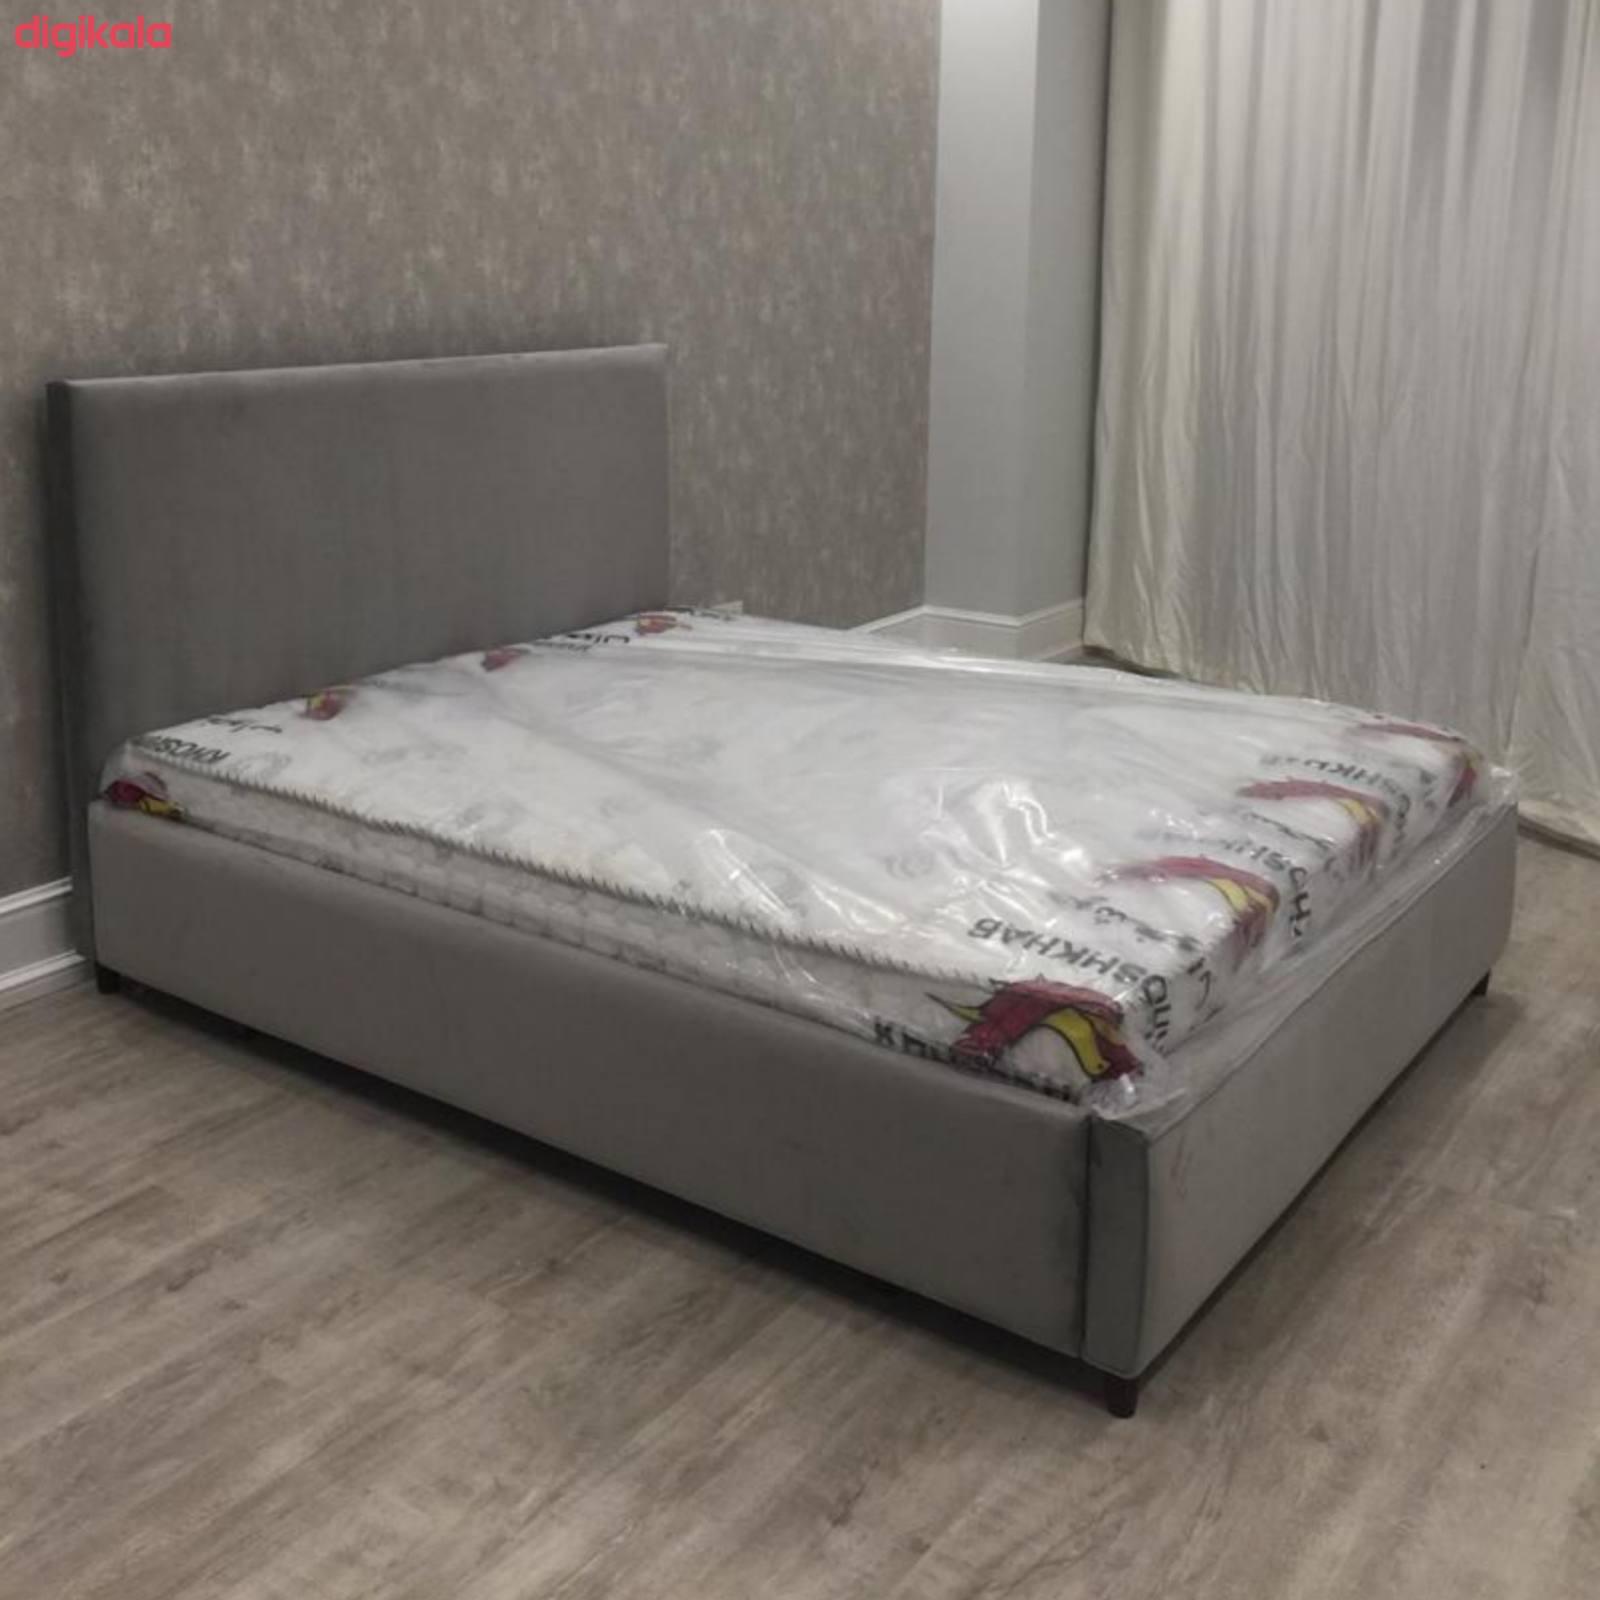 تخت خواب دونفره مدل T2 سایز 160×200 سانتی متر main 1 1